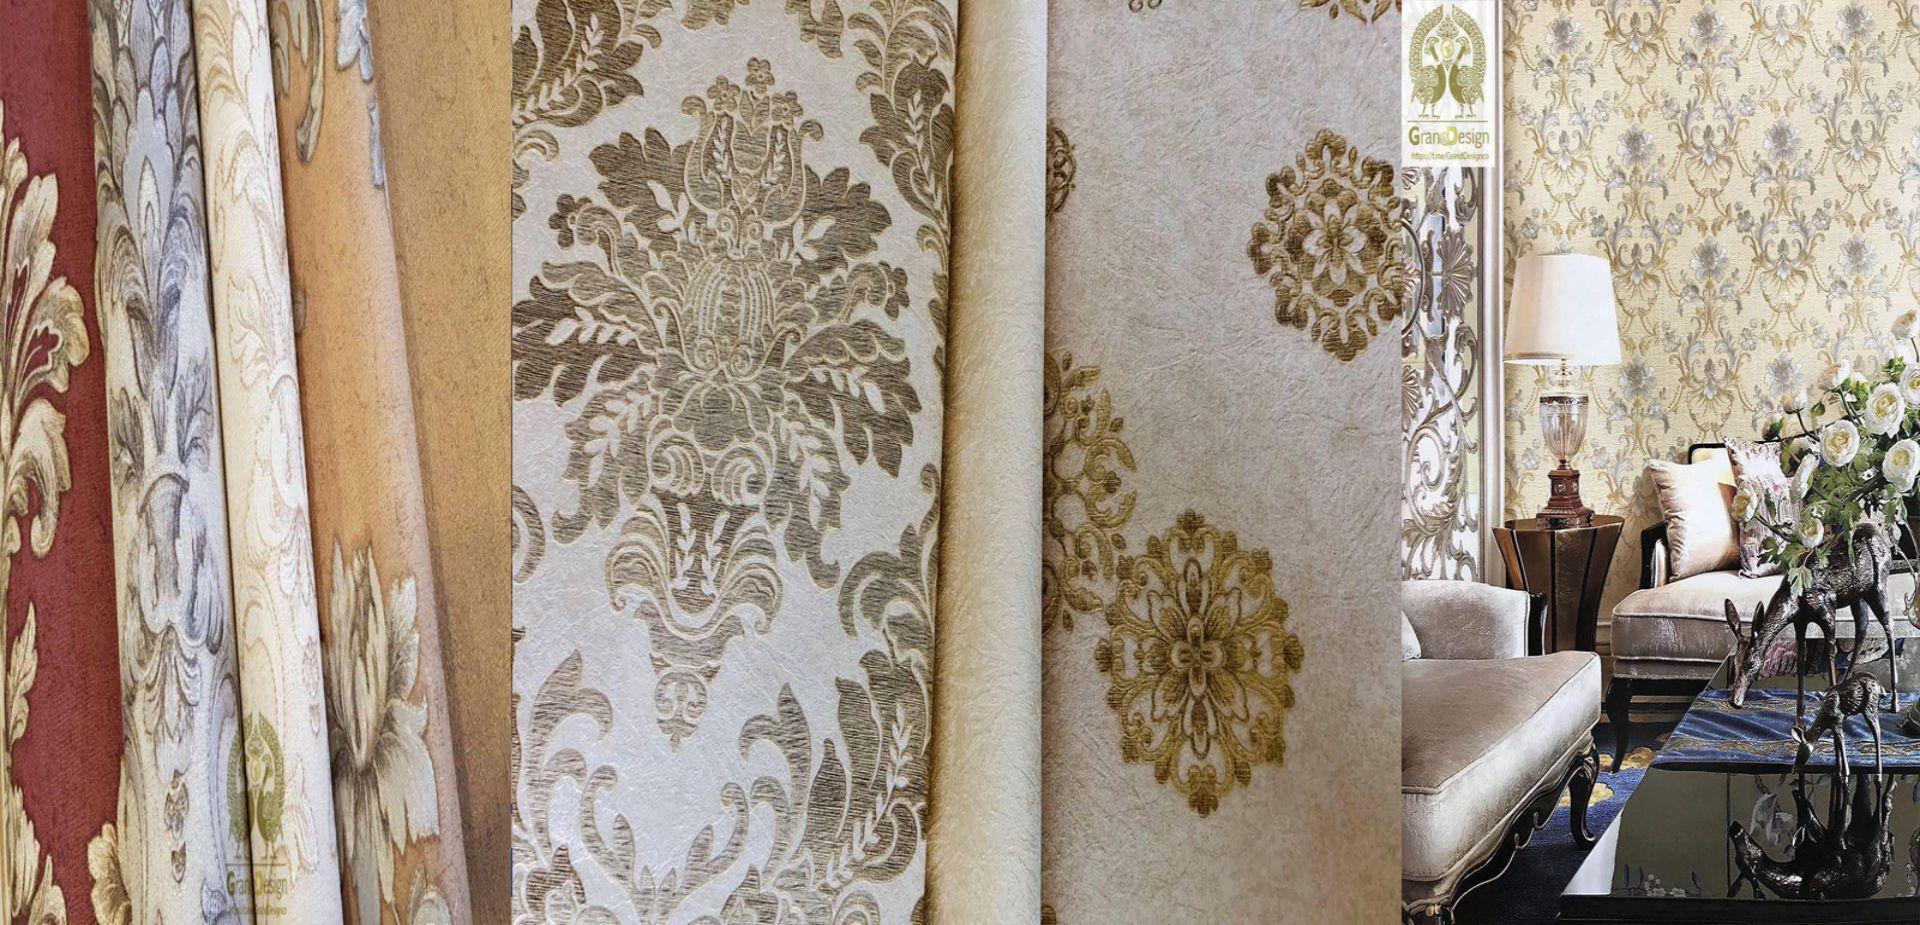 شرکت دکور چوب وارد کننده انحصاری آلبوم های کاغذ دیواری  گرند دیزاین